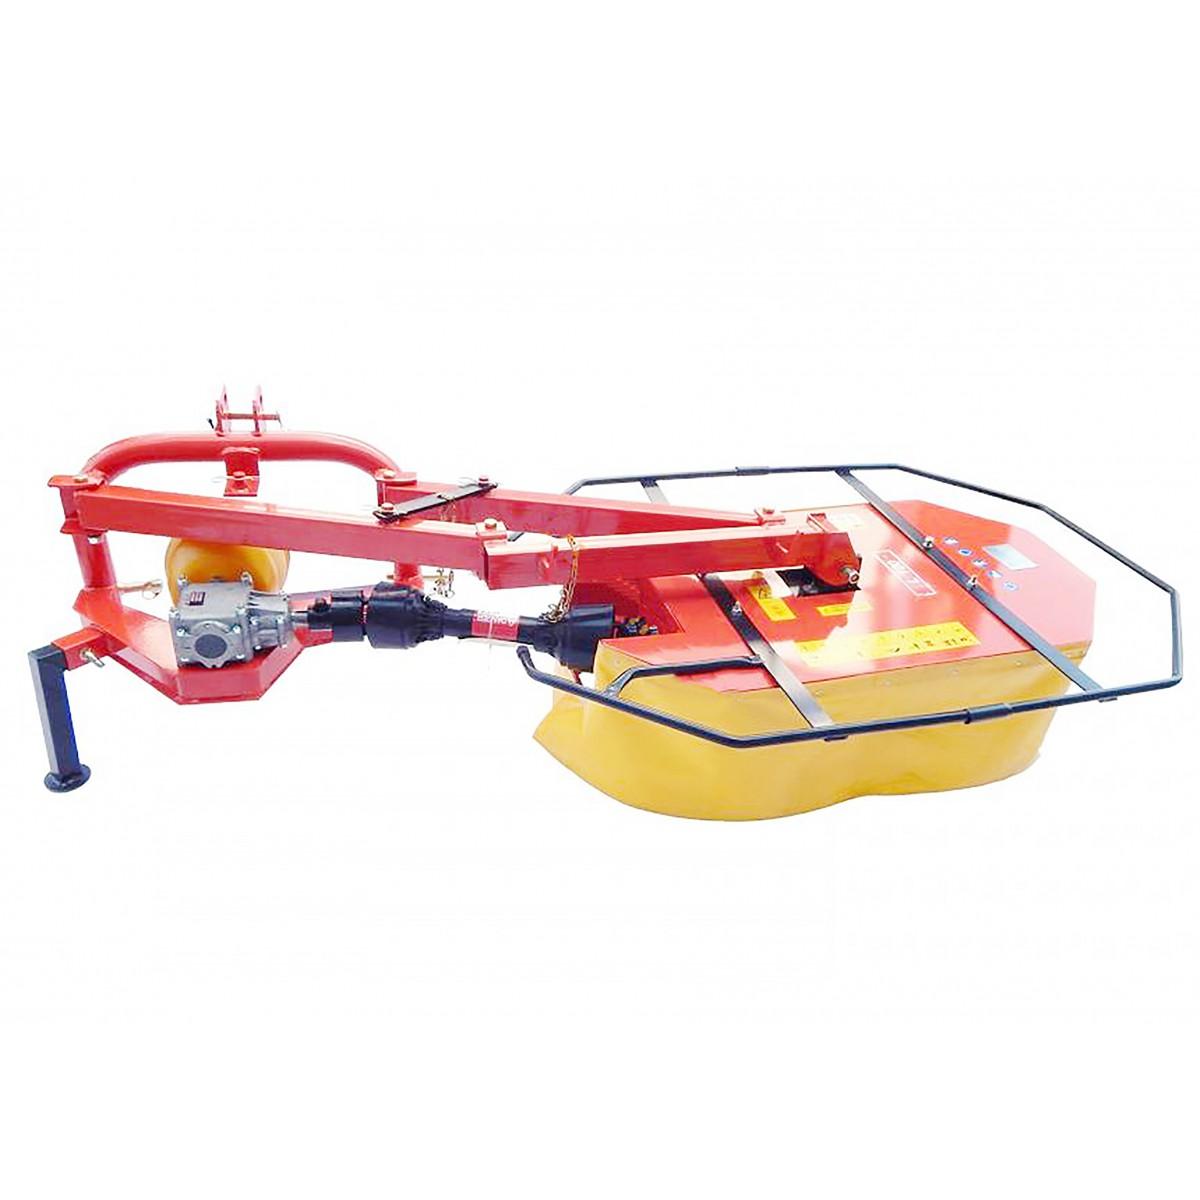 Rotary mower MINI L100